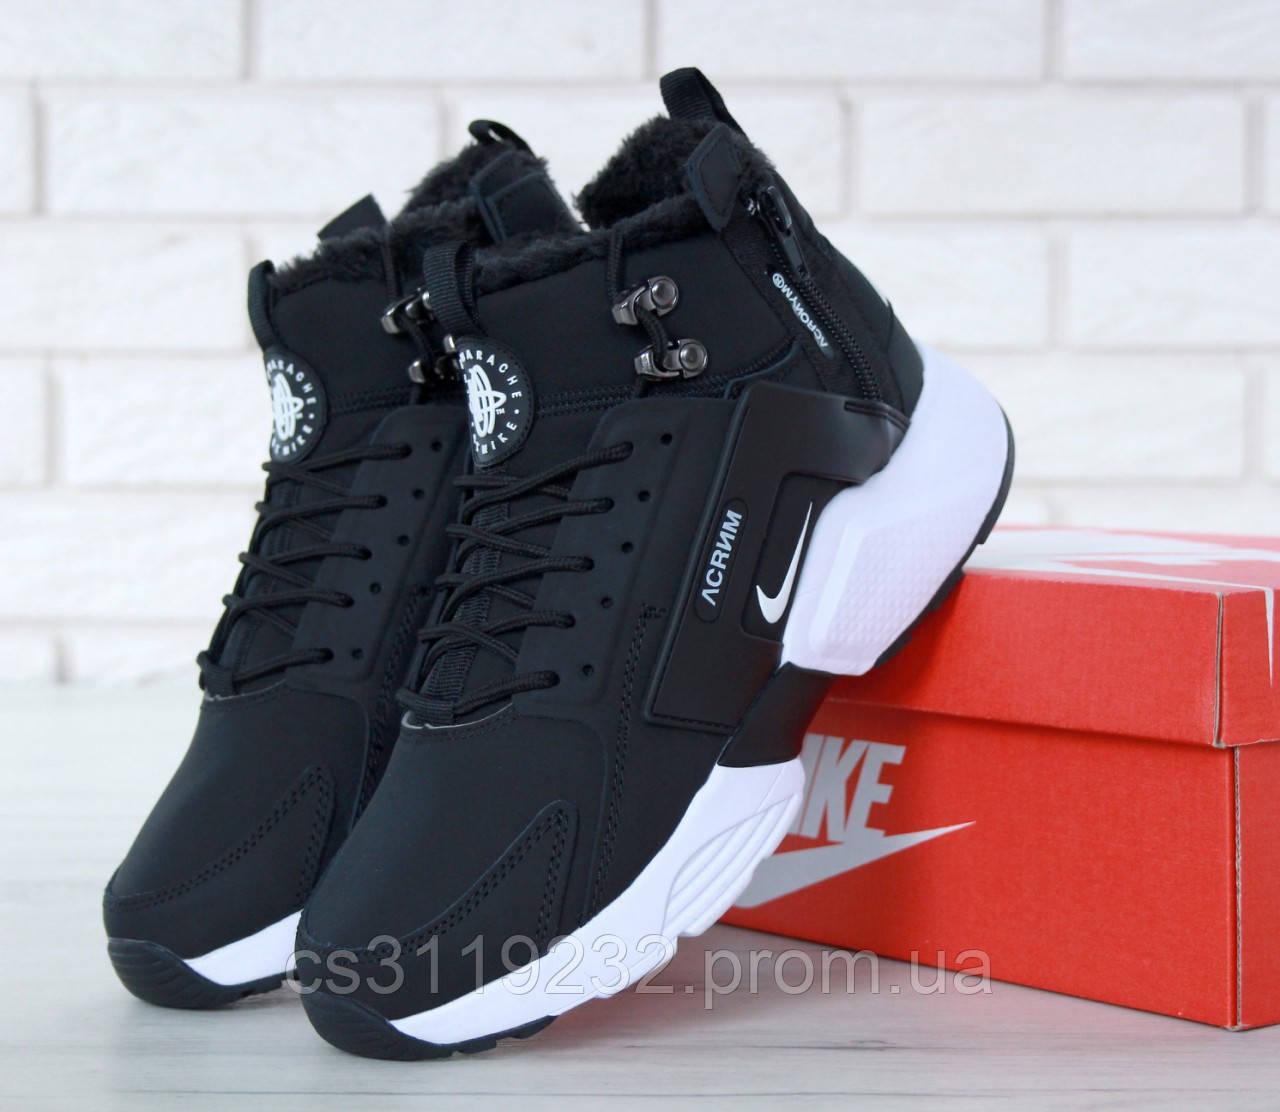 Мужские кроссовки зимние Nike Air Huarache MID Winter (мех) (черные)